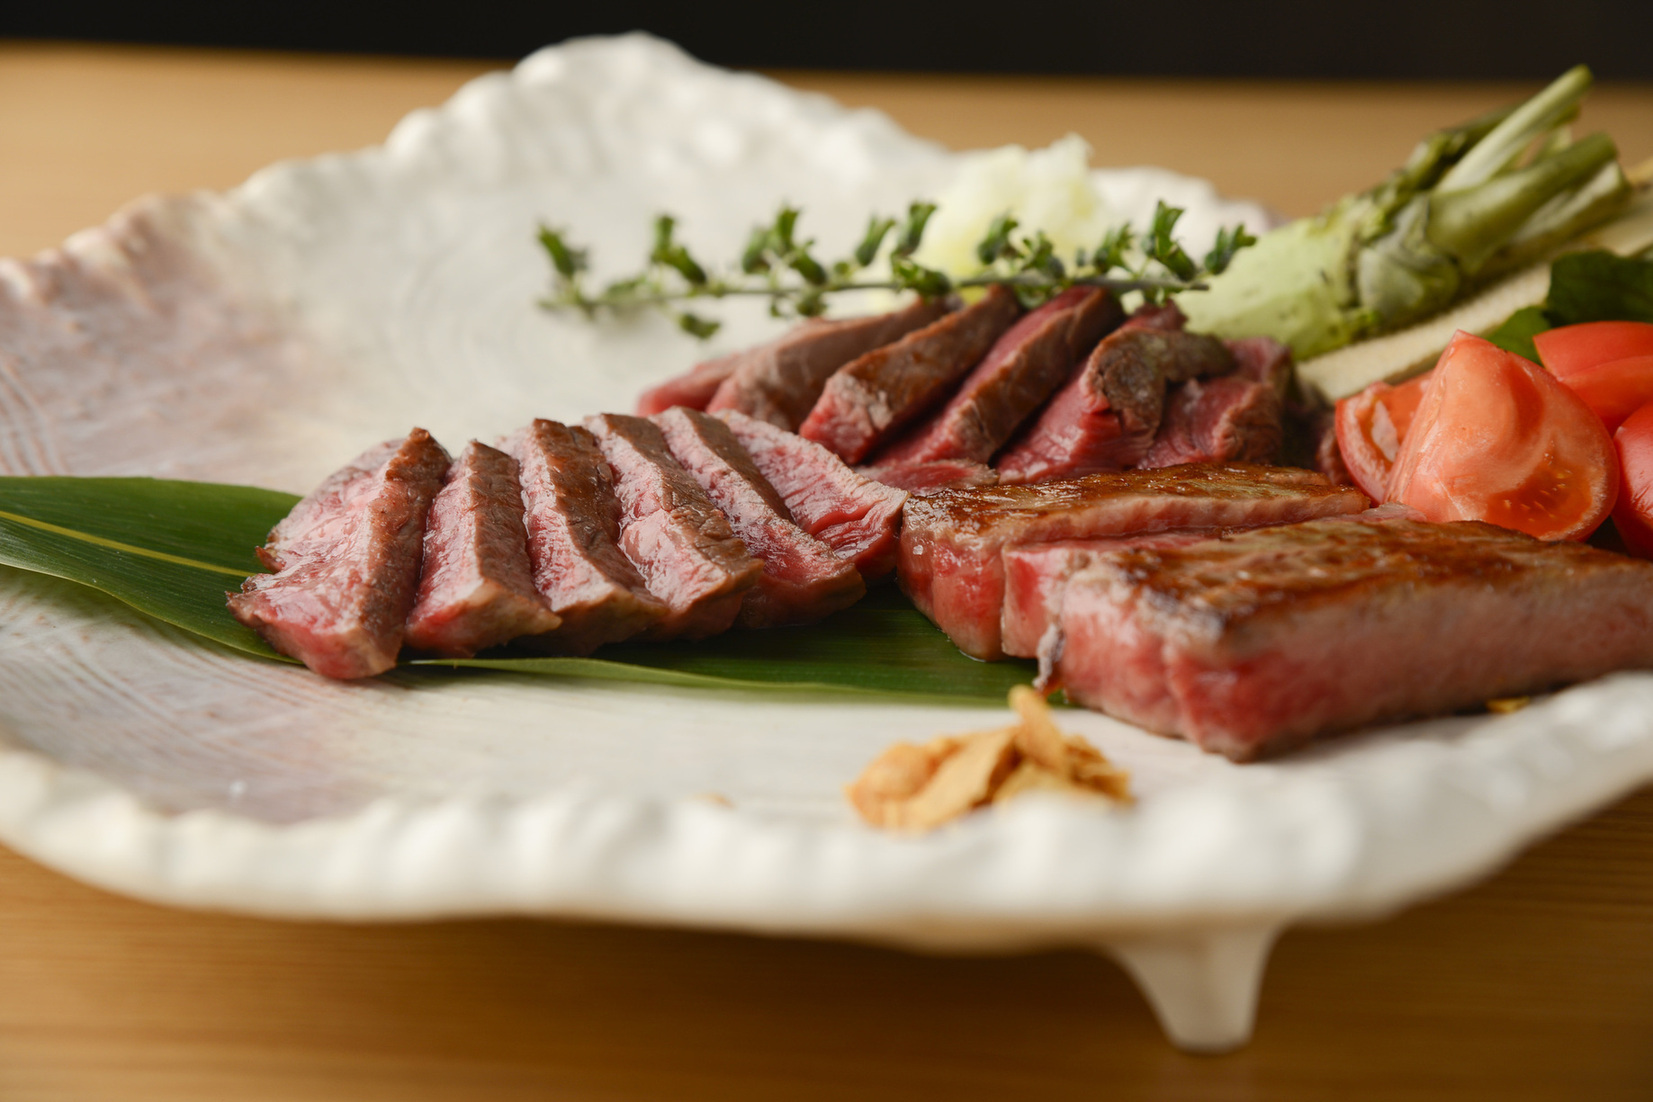 川崎でGo To Eatキャンペーンが利用できる鉄板焼き【円居-MADOy-川崎】